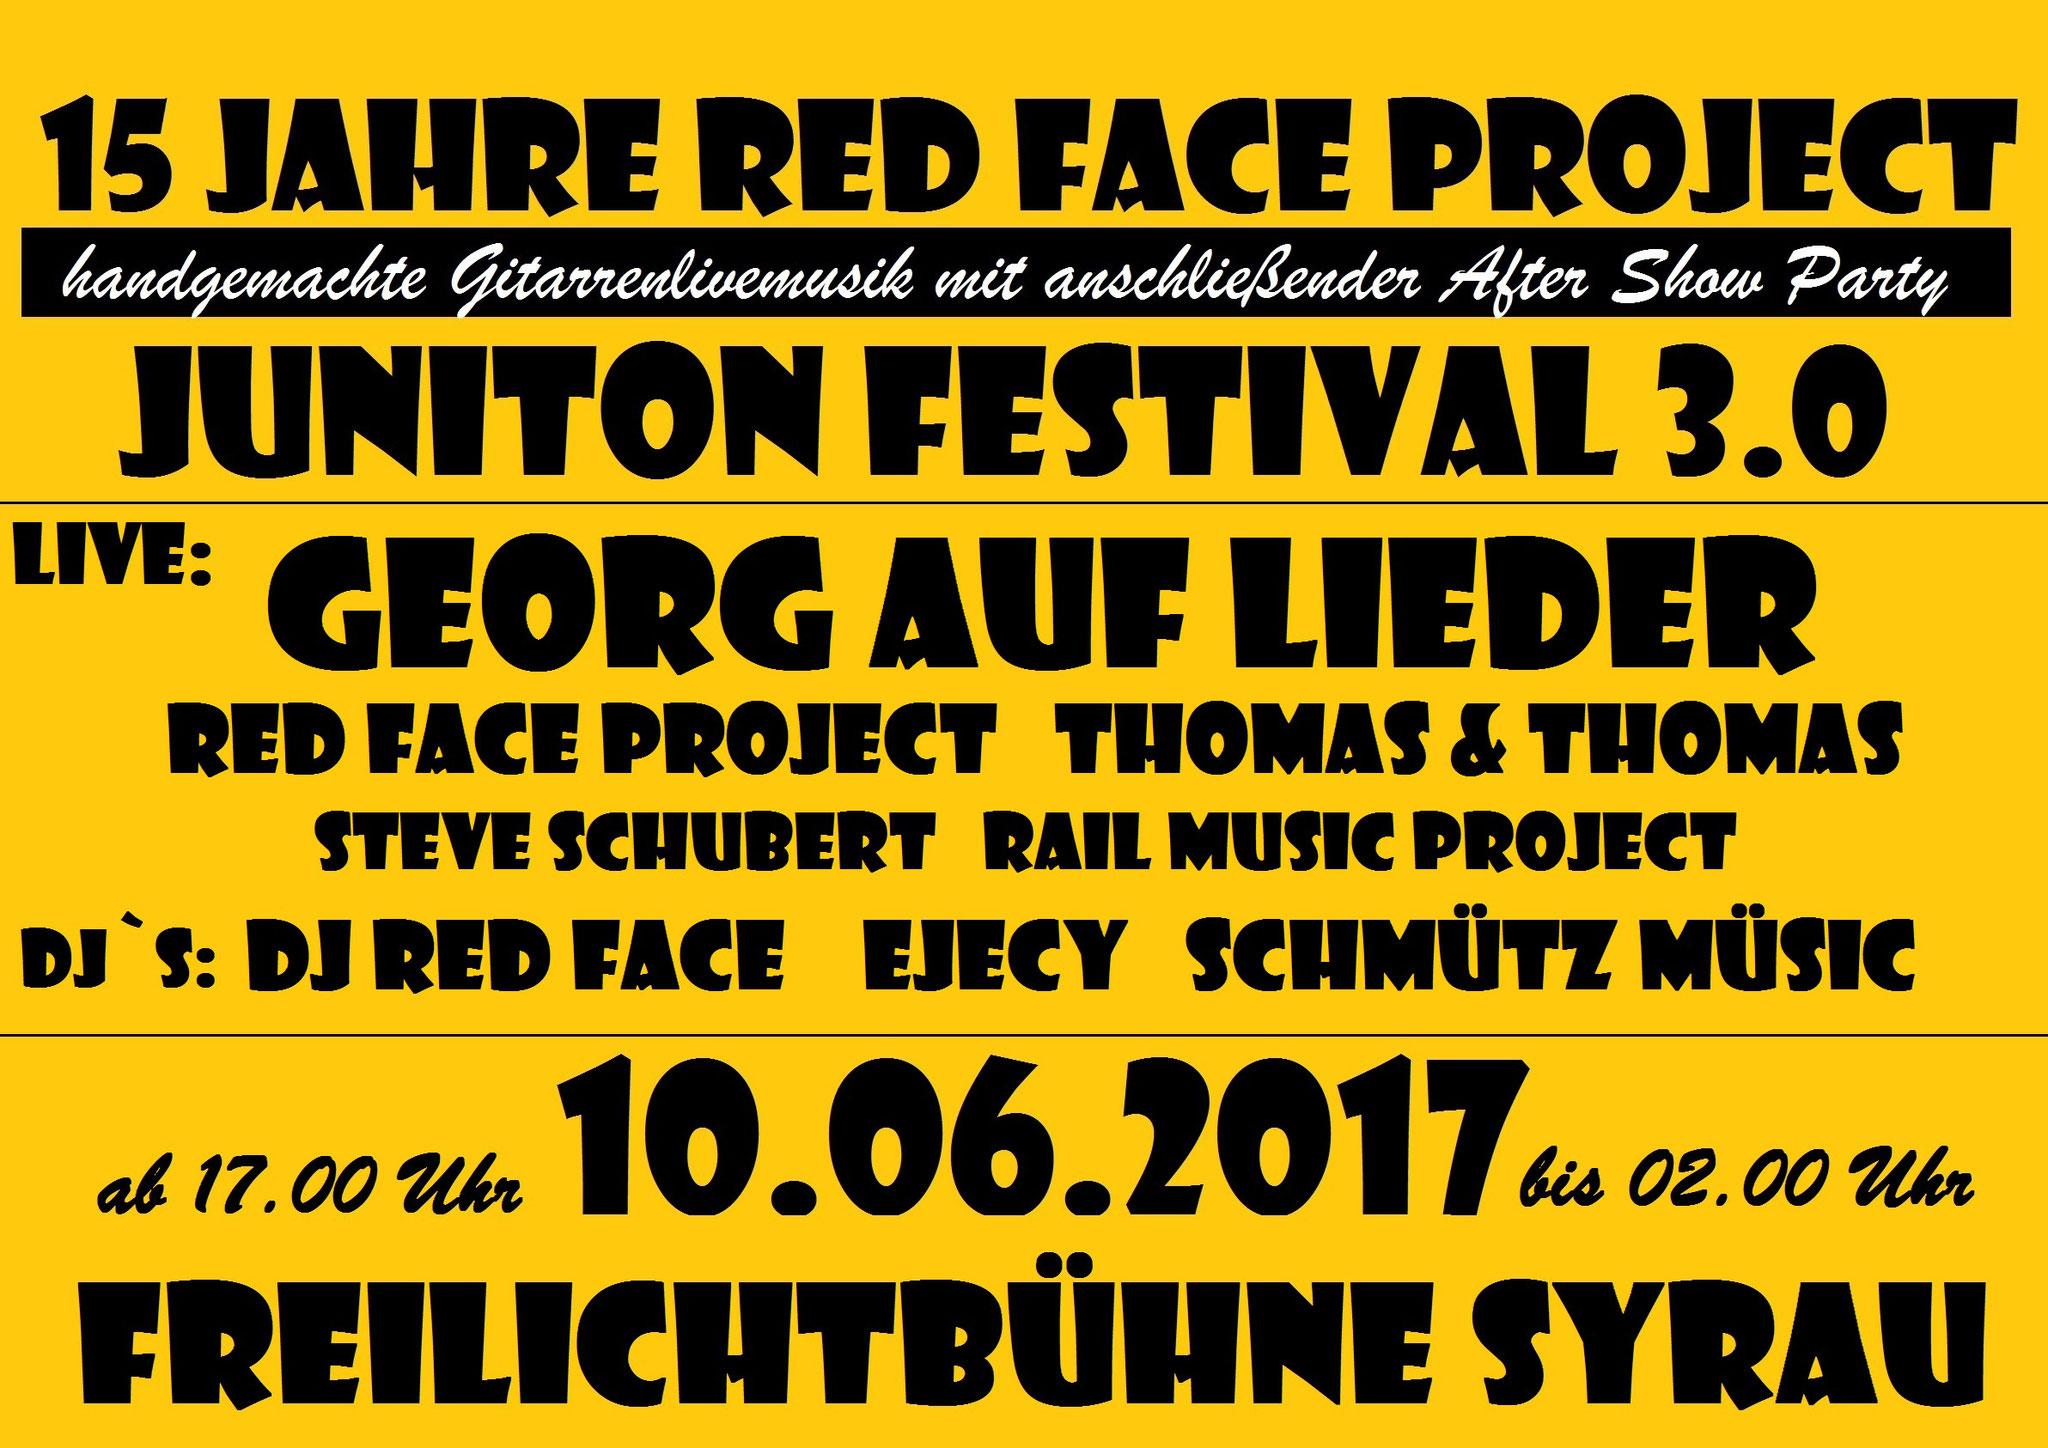 Juniton Festival 3.0